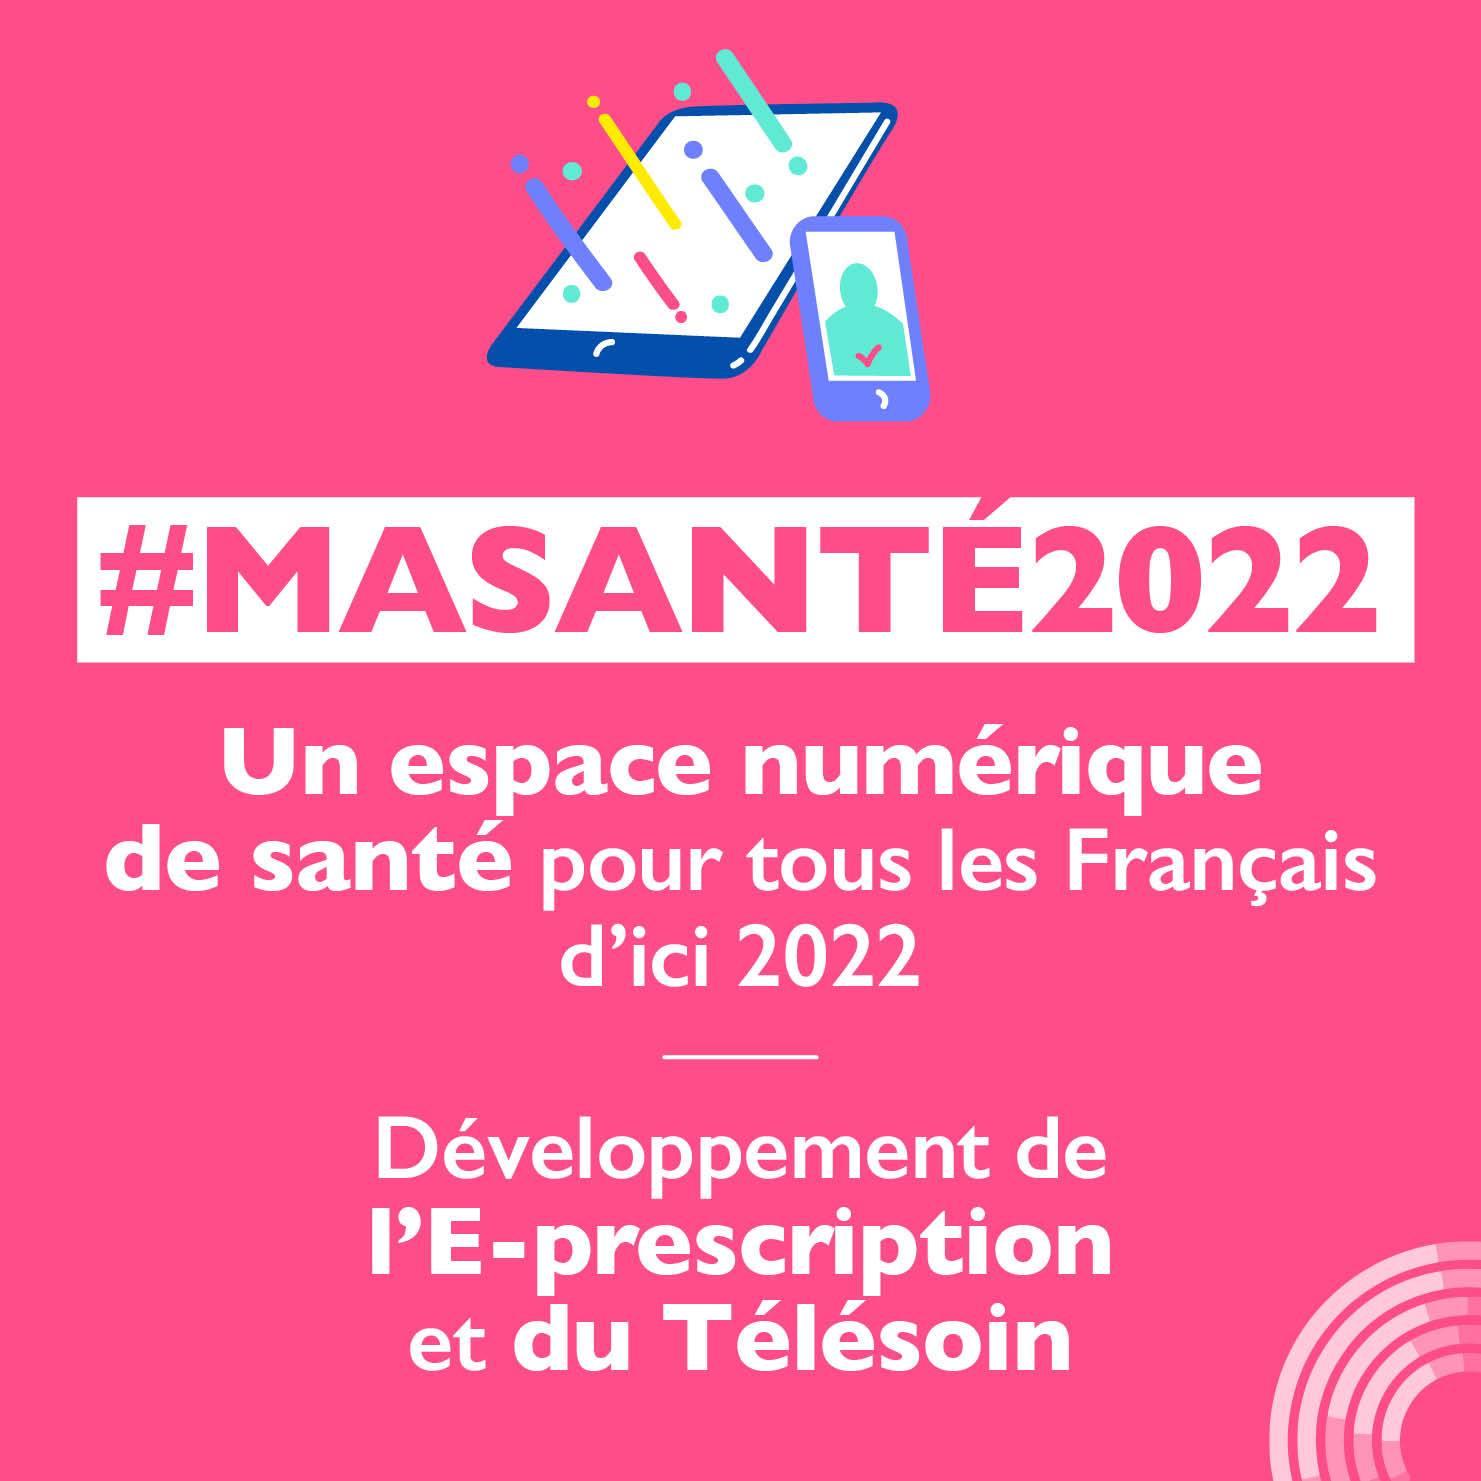 ma-santé-2022-espace-numérique-santé